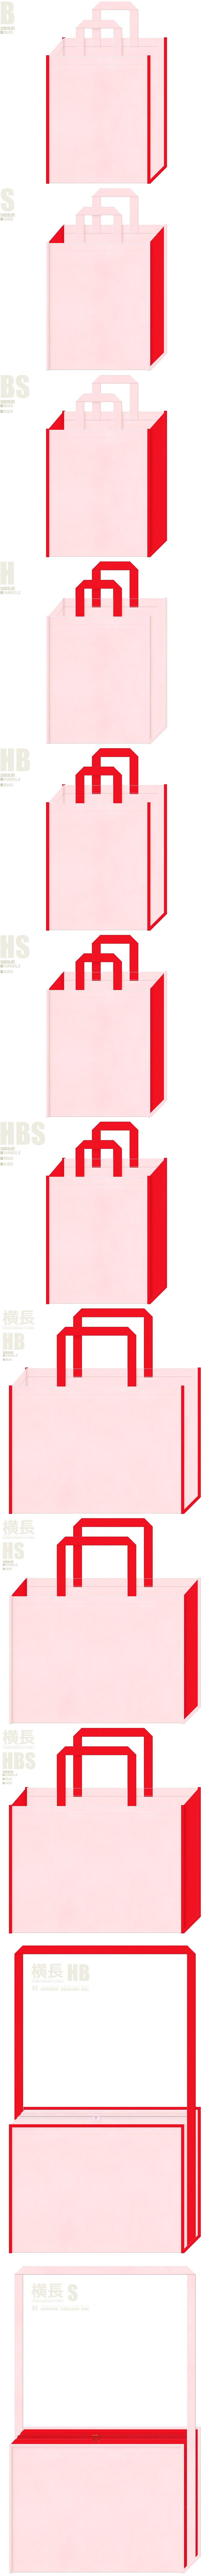 桜色と赤色、7パターンの不織布トートバッグ配色デザイン例。ひなまつり、母の日等の歳時イベント用不織布バッグにお奨めです。